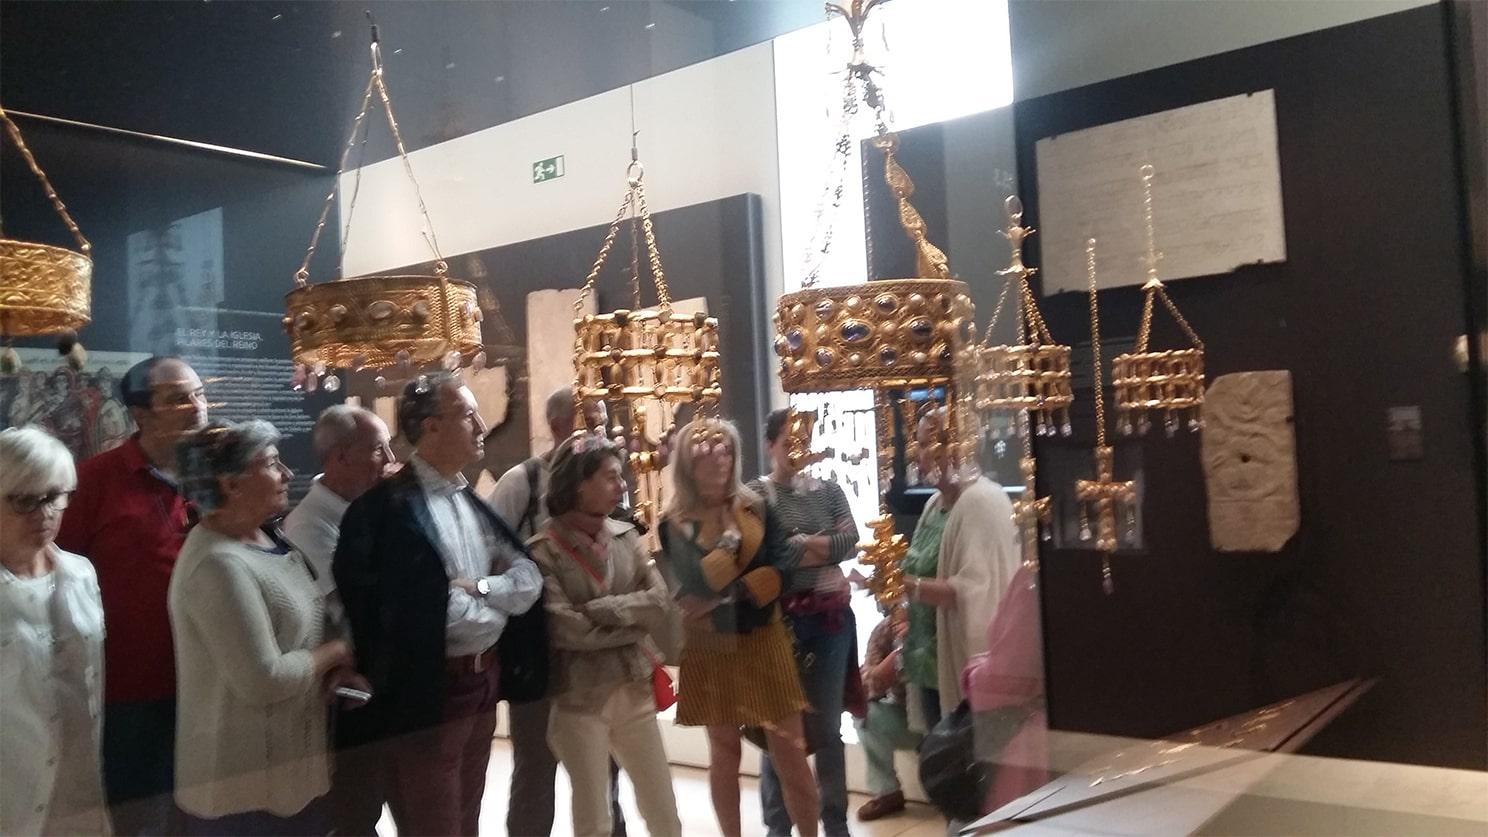 Visita al tesoro de los visigodos del Museo Arqueológico Nacional - Orígenes de Europa